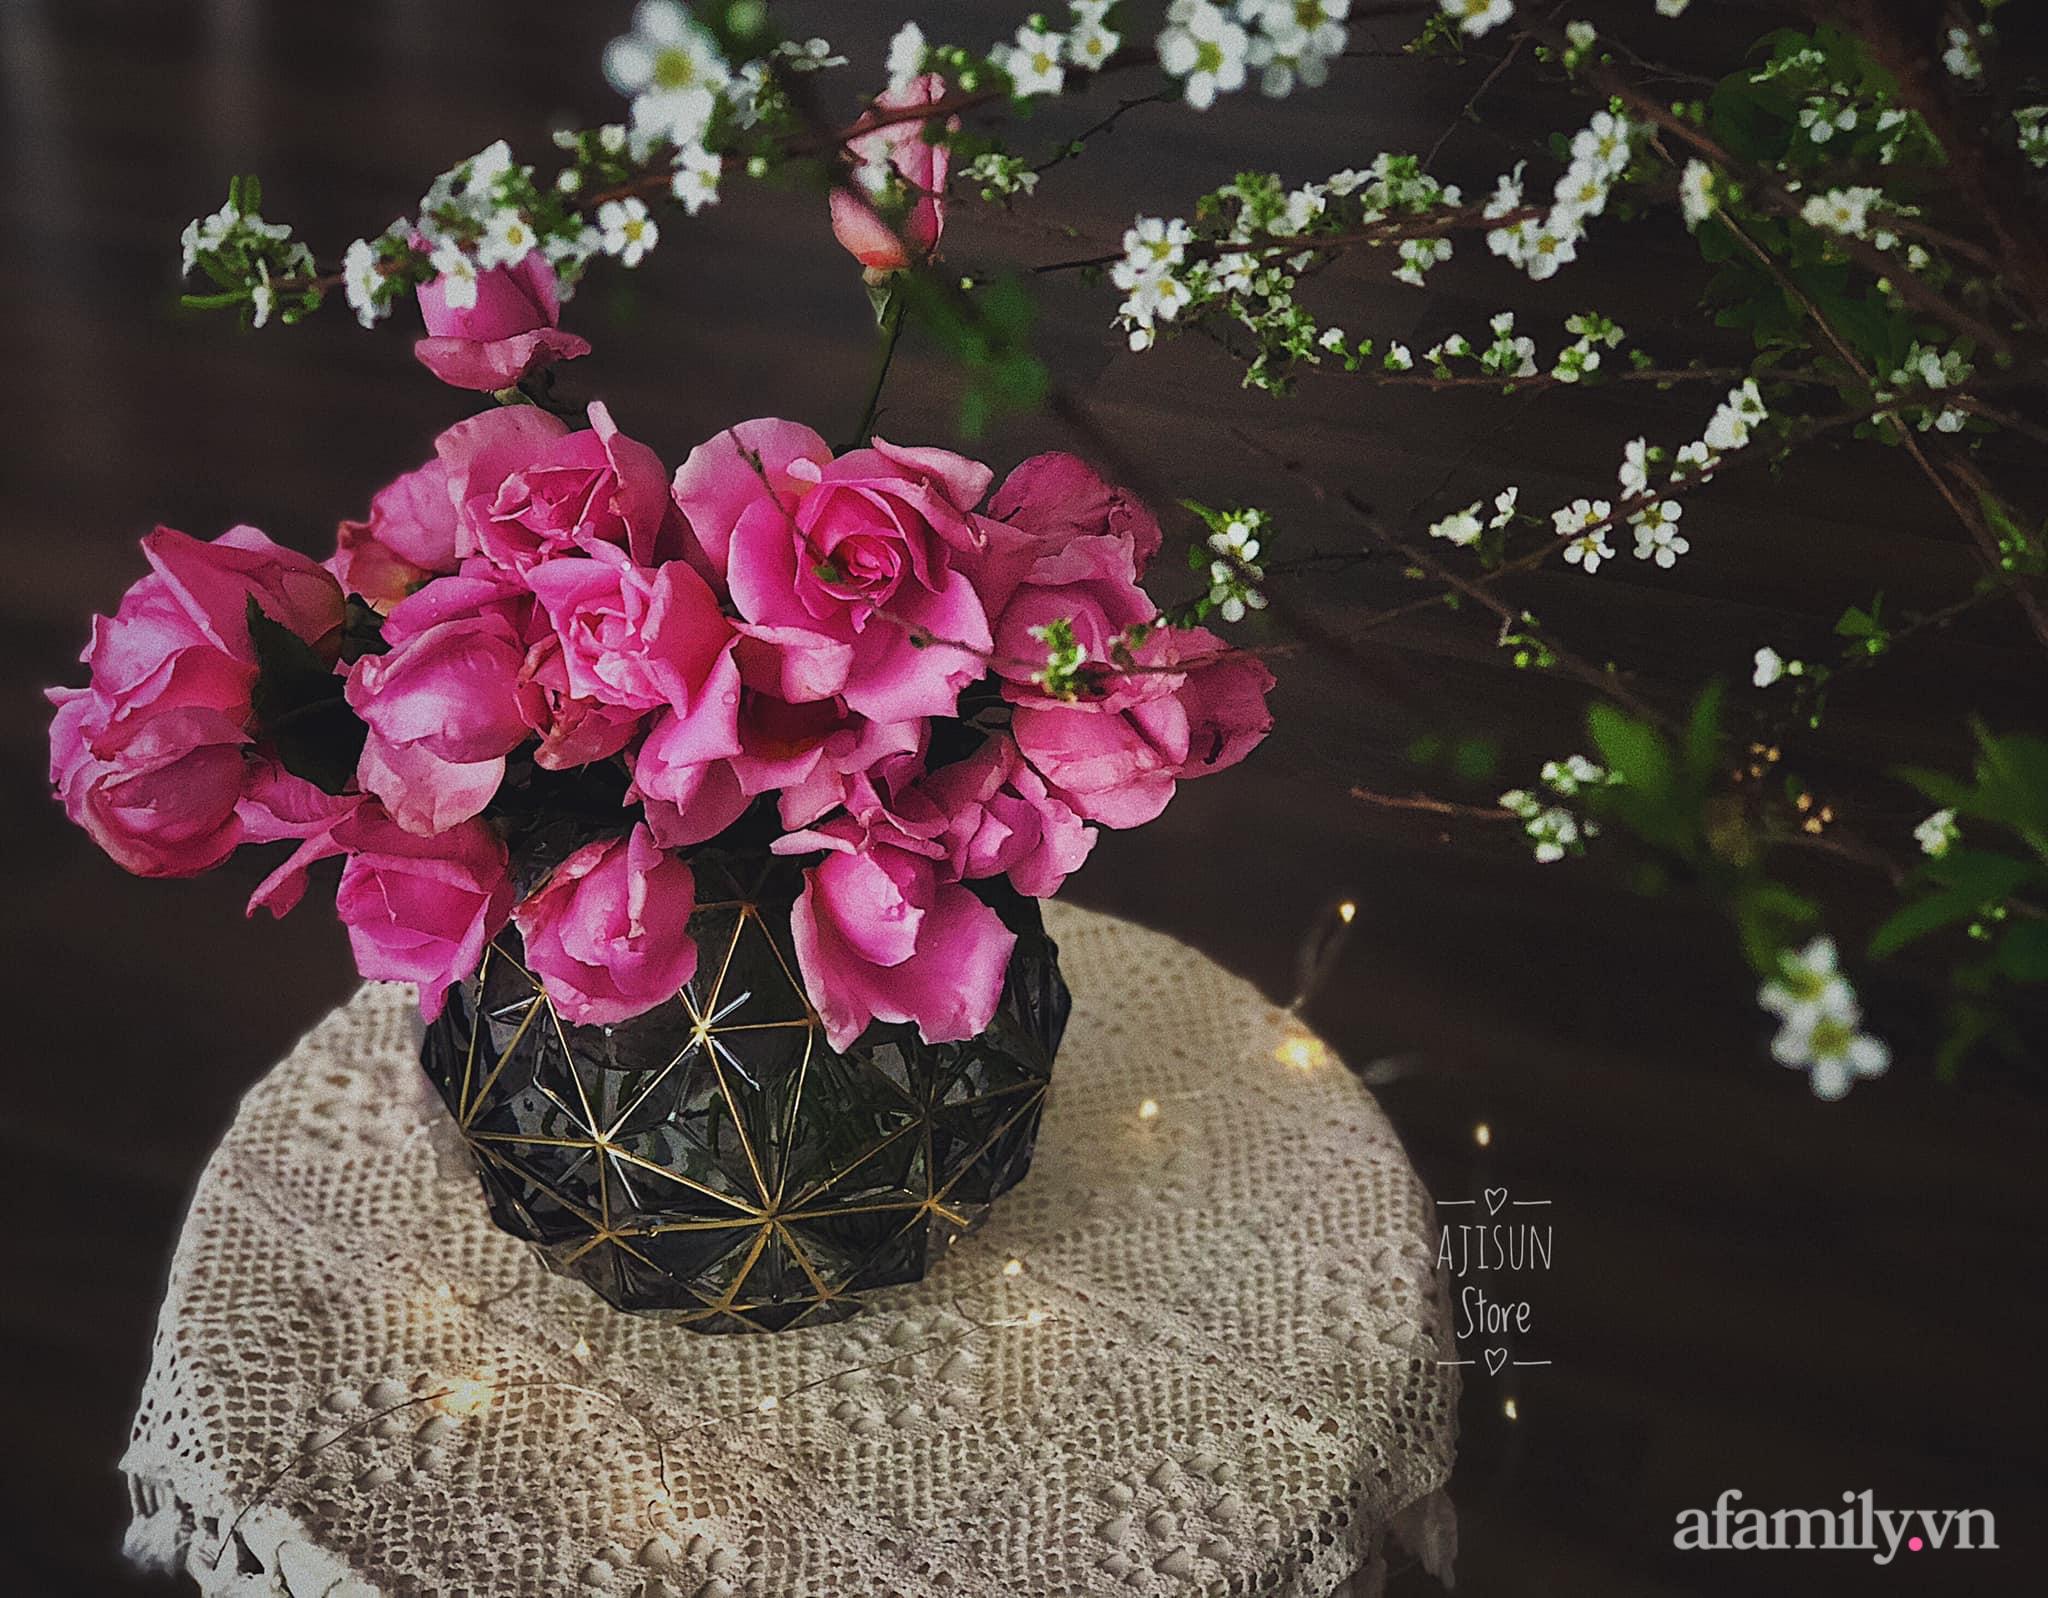 Mẻ đảm Hà Nội khéo mang Tết vào tổ ấm đẹp duyên dáng với gốm và hoa - Ảnh 12.